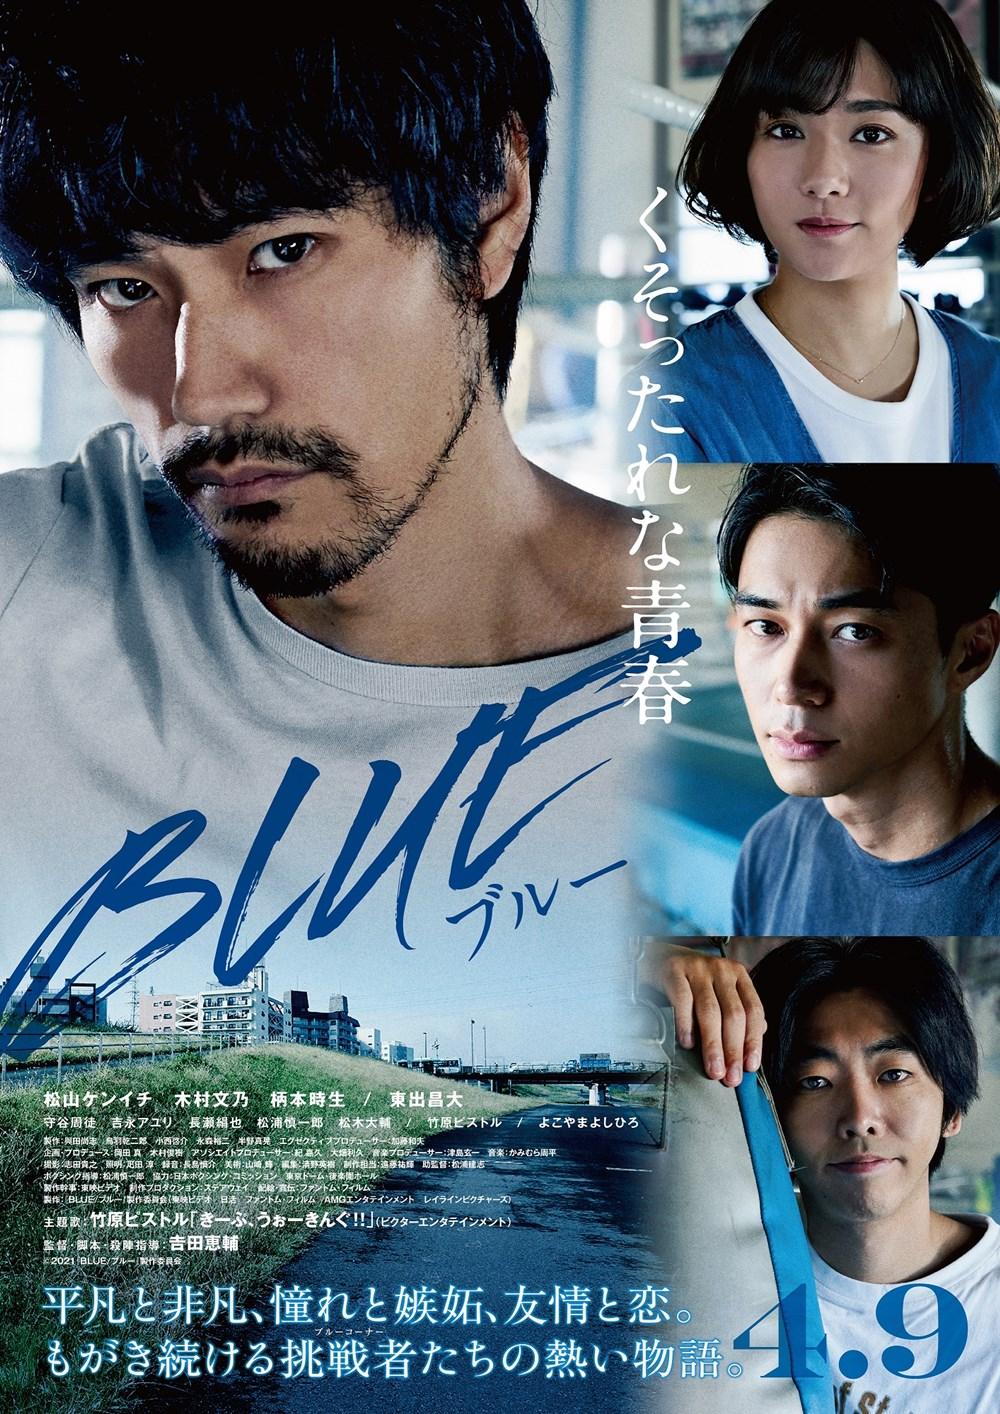 【画像】映画『BLUE/ブルー』ポスタービジュアル